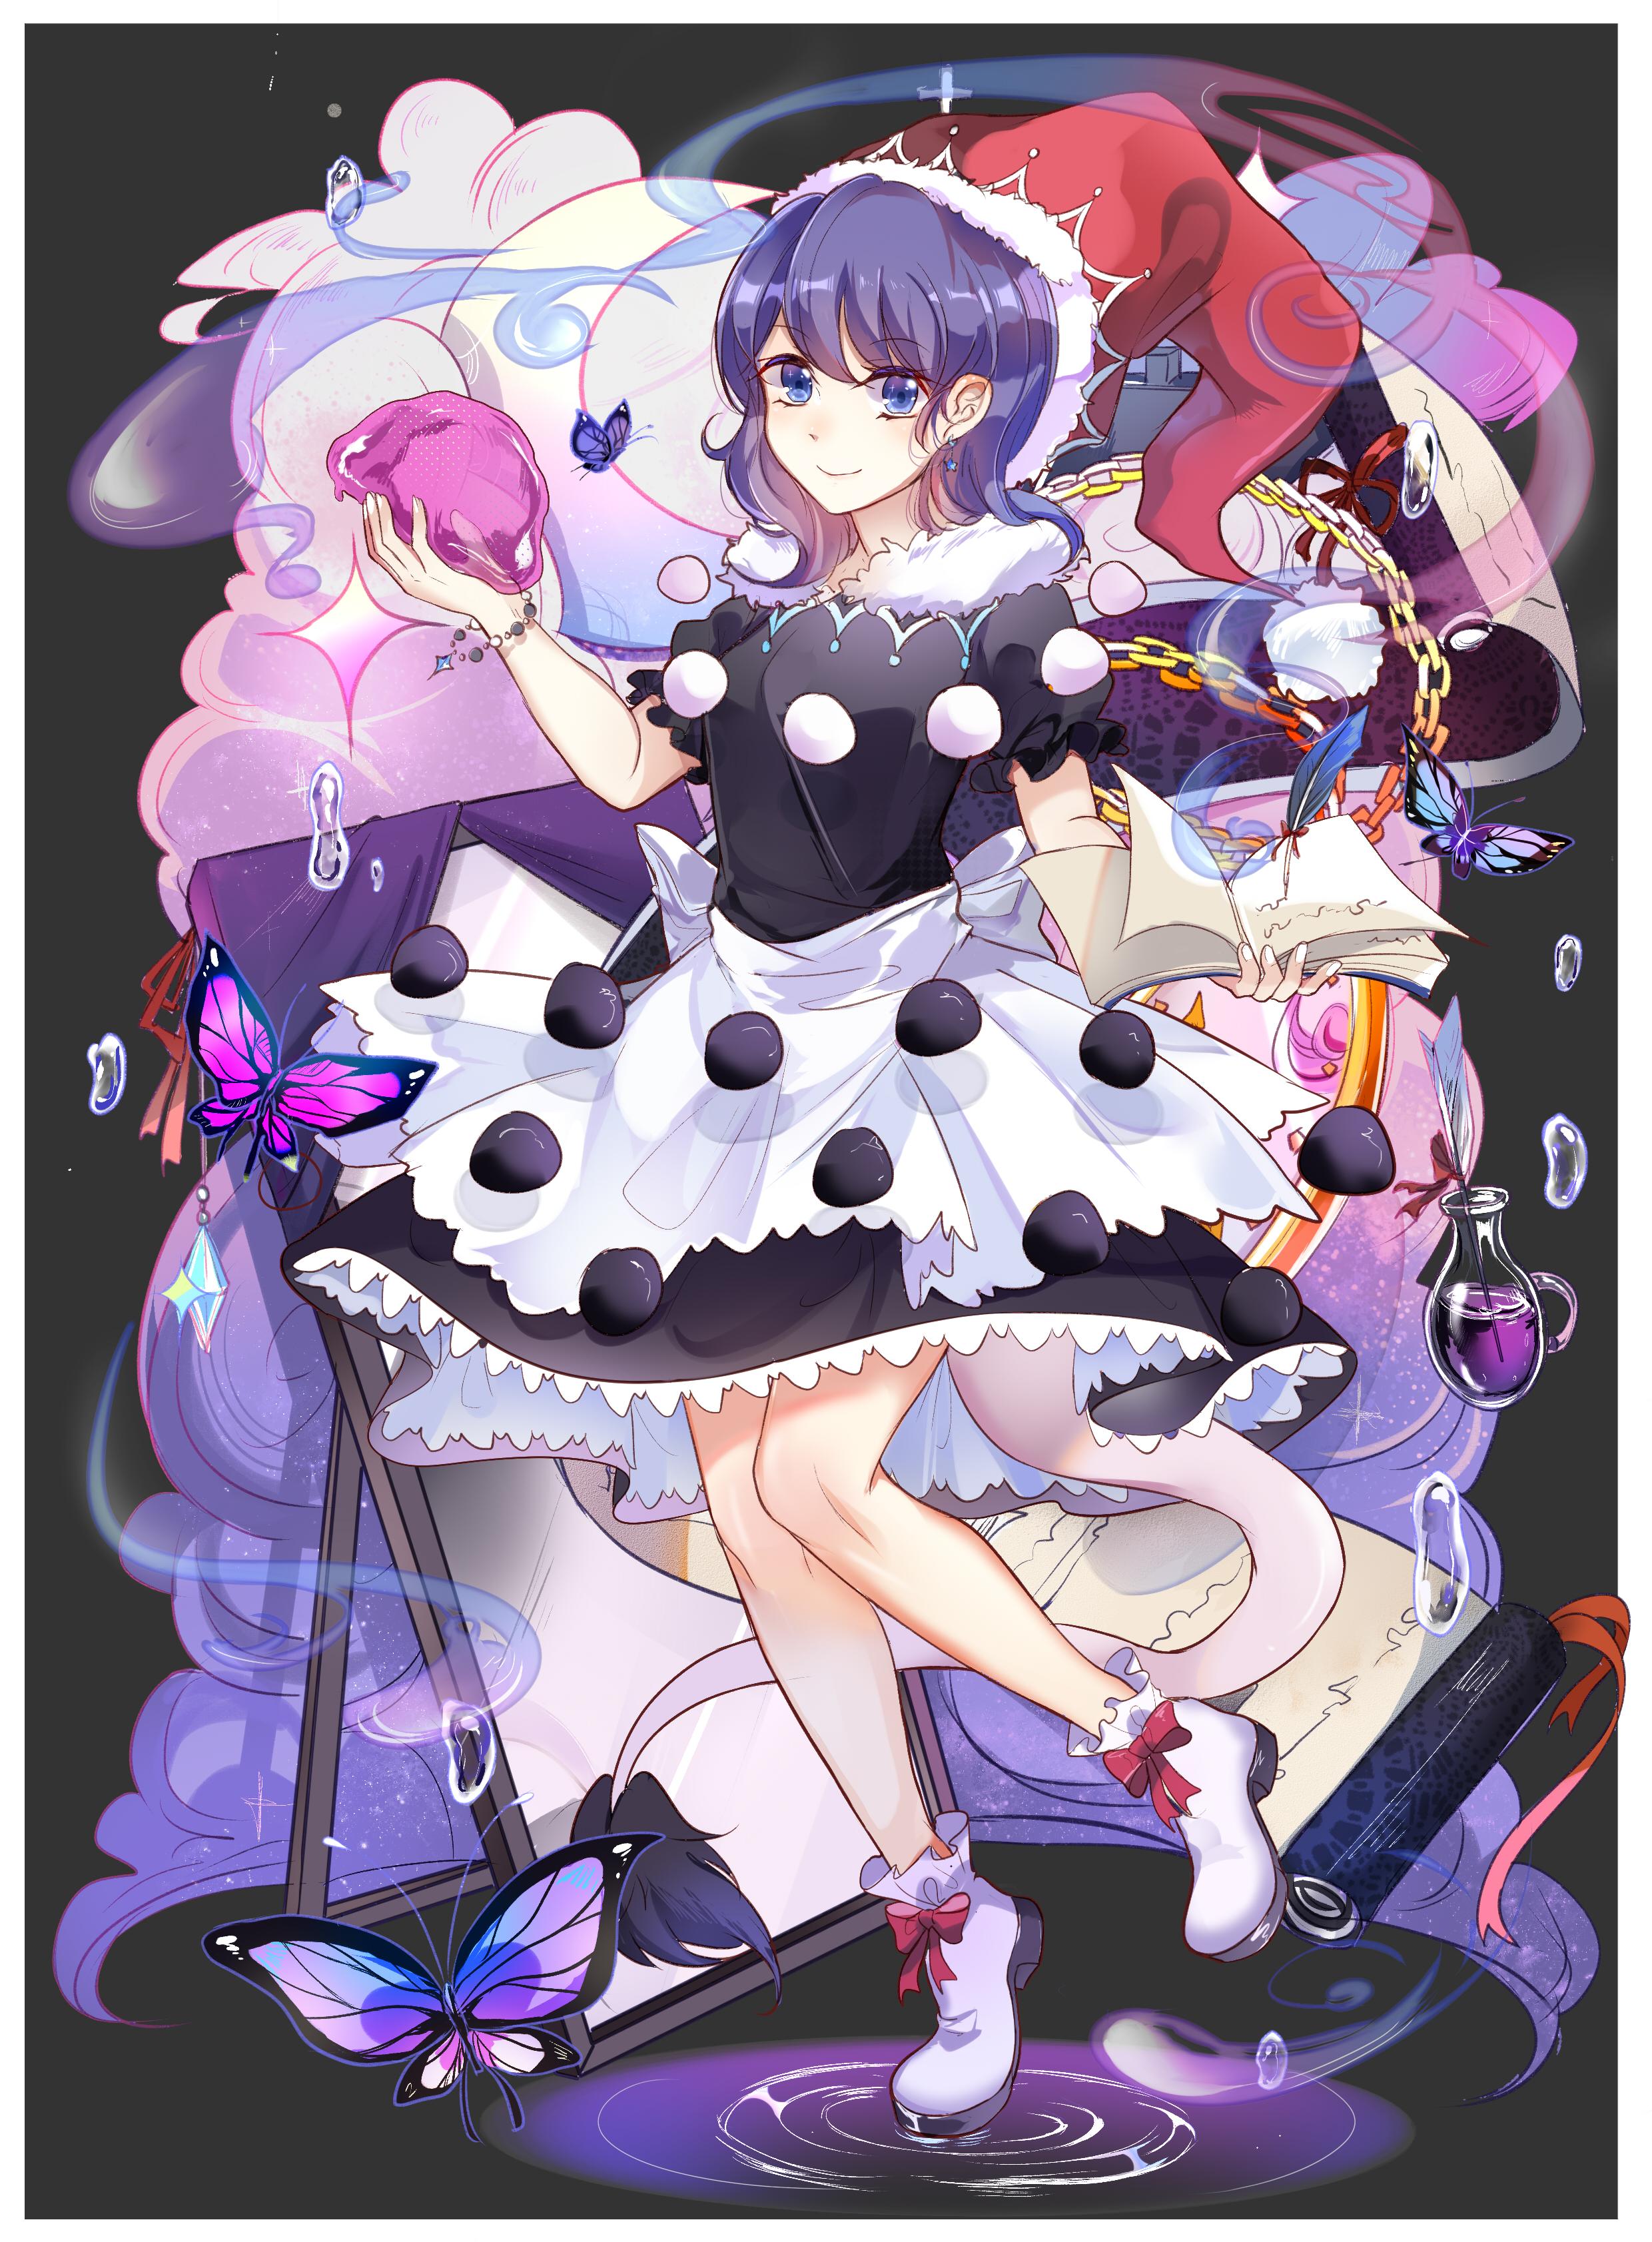 doremy sweet, mobile wallpaper - zerochan anime image board